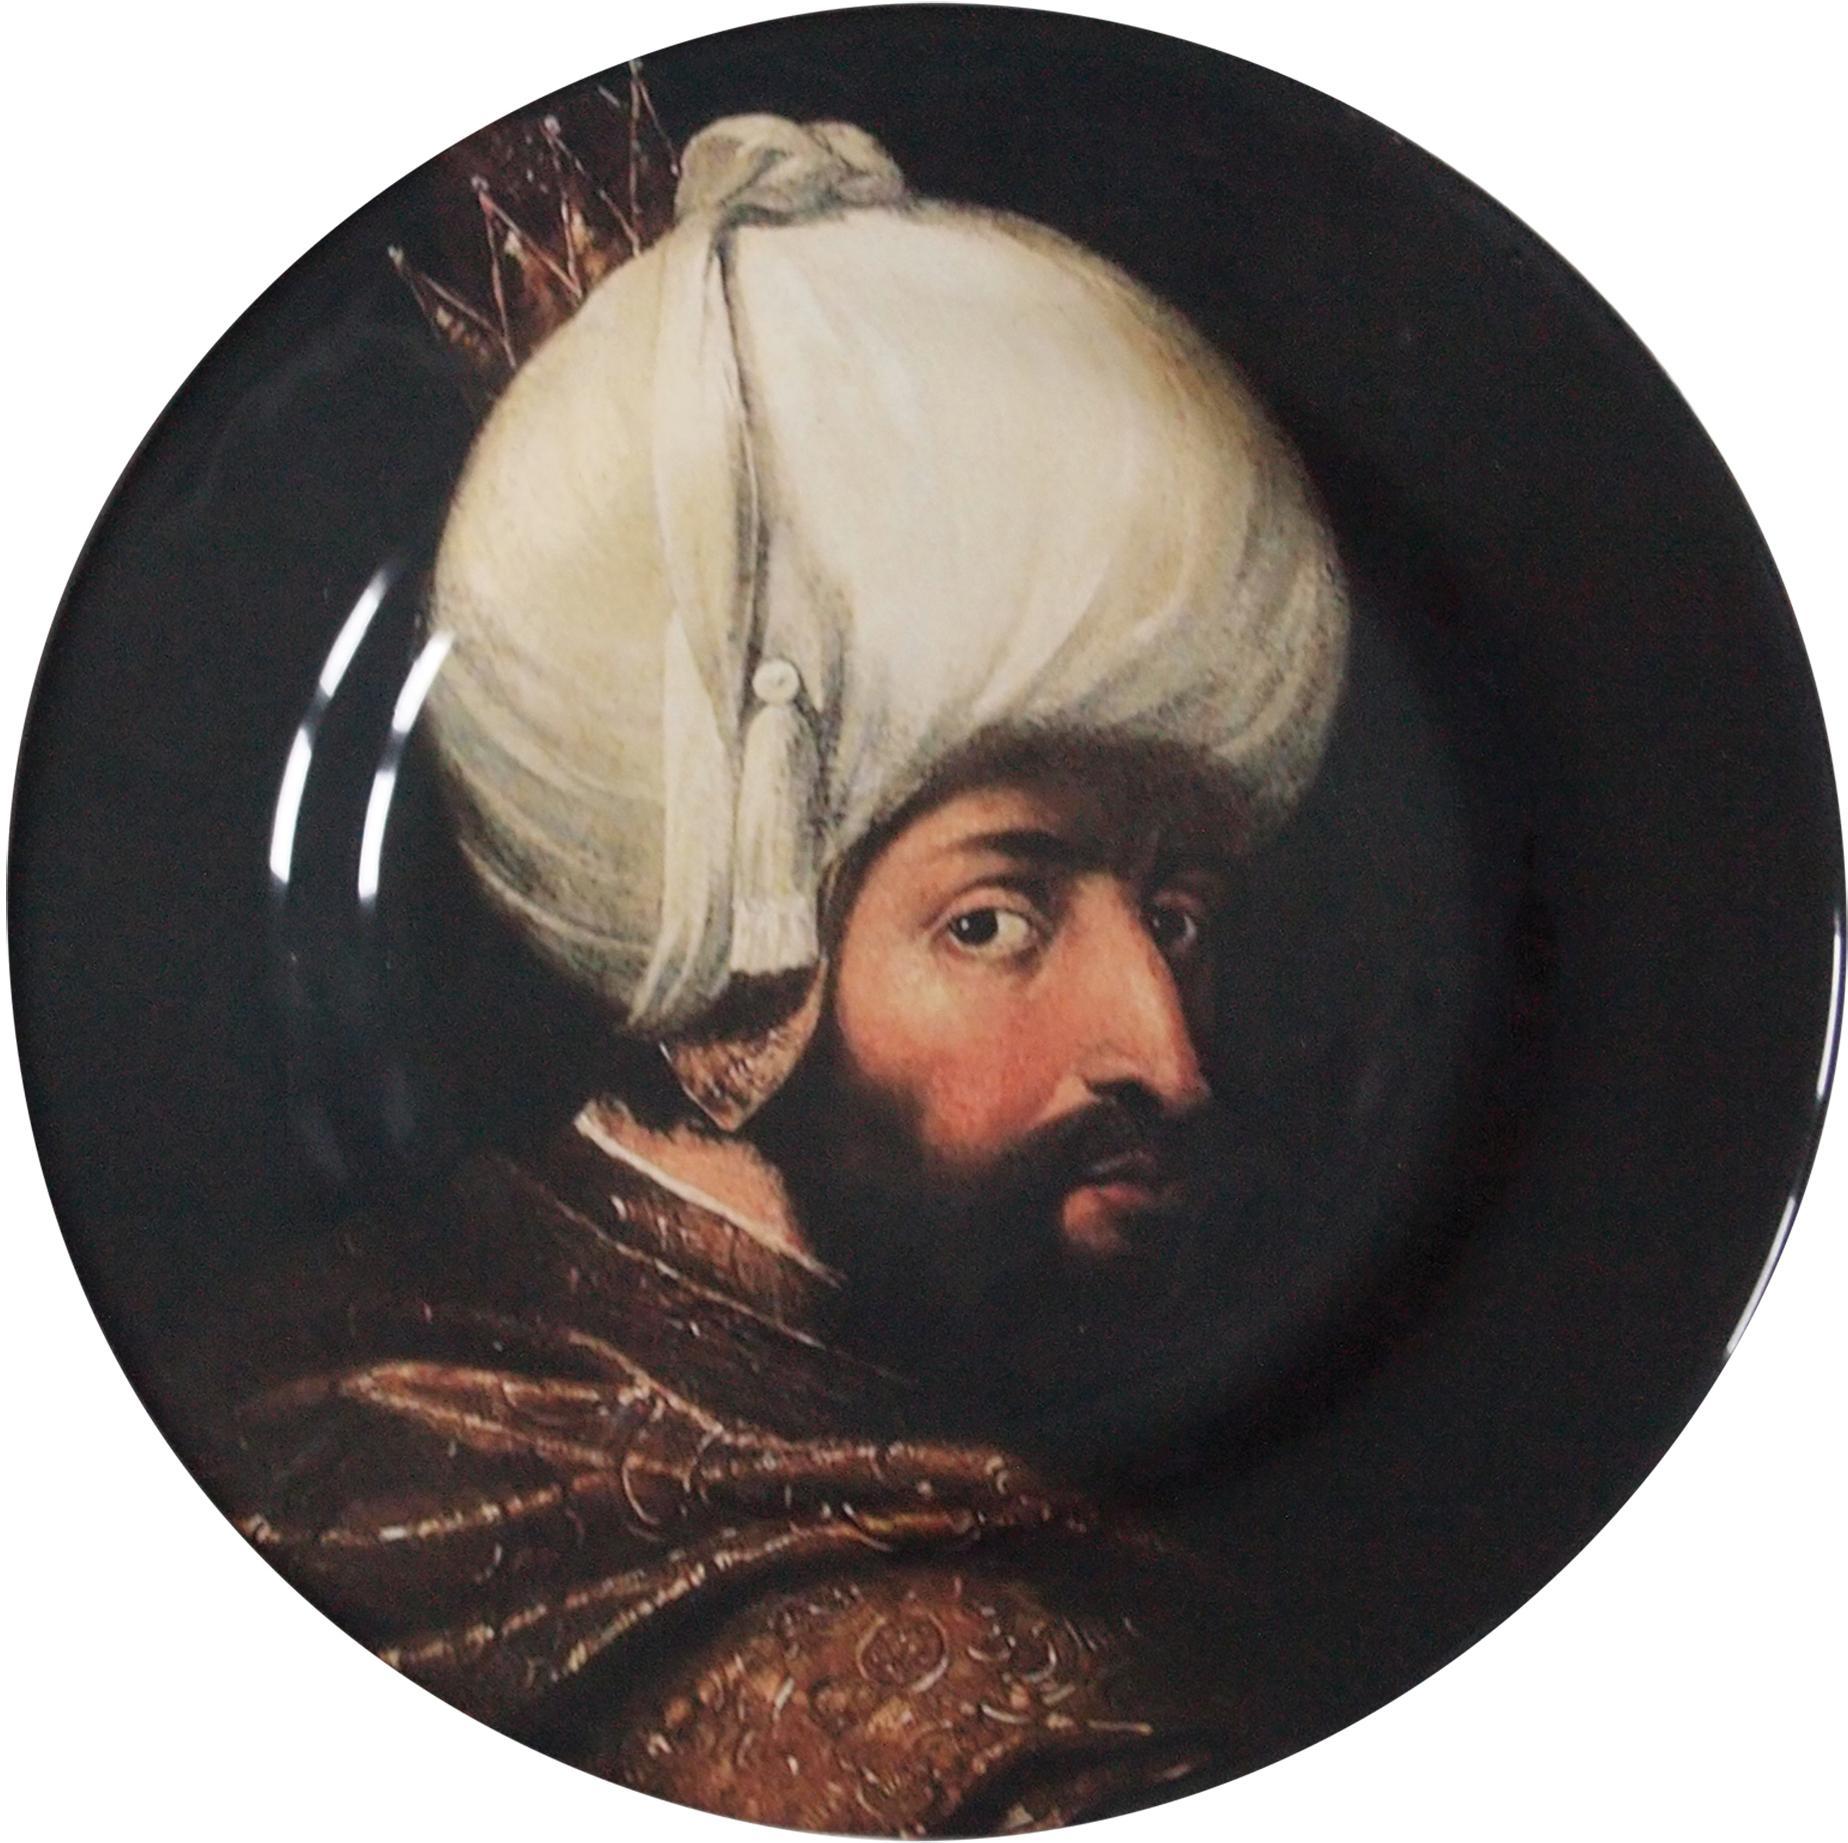 Handmade Sultan Bejazet Ceramic Dinner Plate